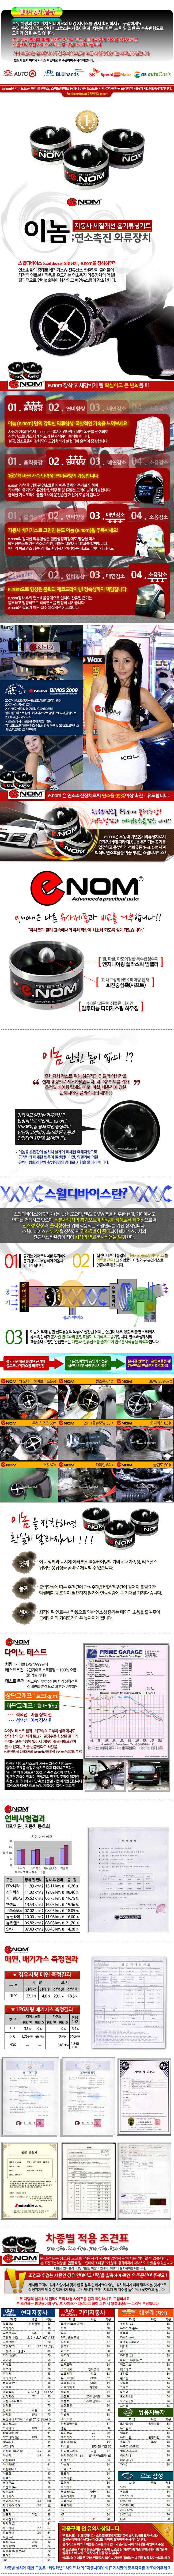 자동차 체질개선, 연소촉진 와류장치 e-nom (이놈)